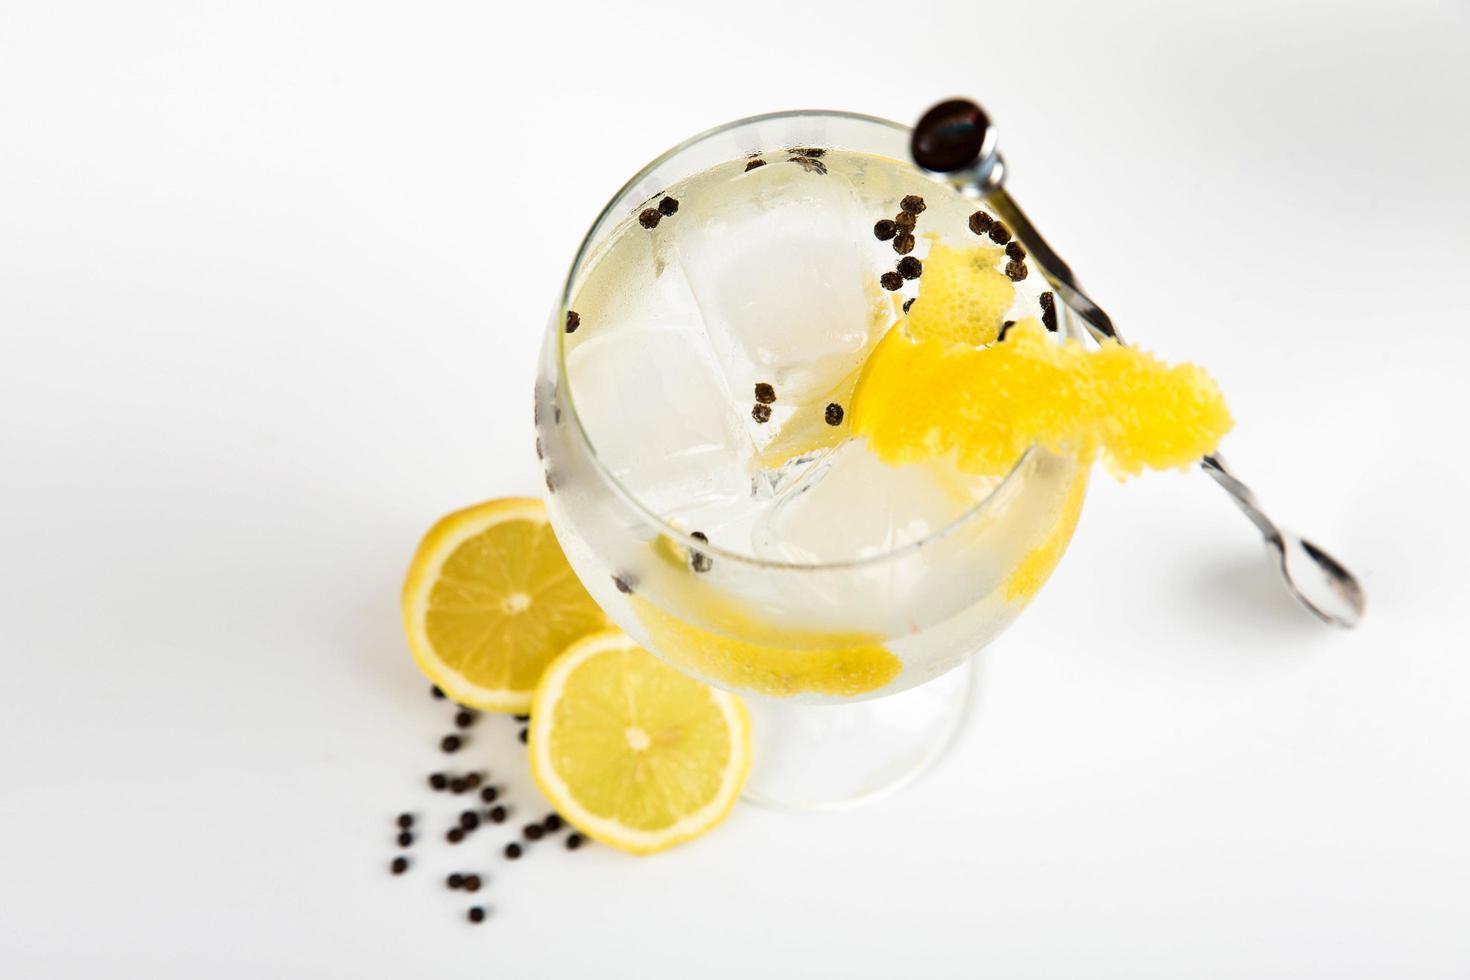 Cocktail mit Beilage auf weißem Hintergrund foto